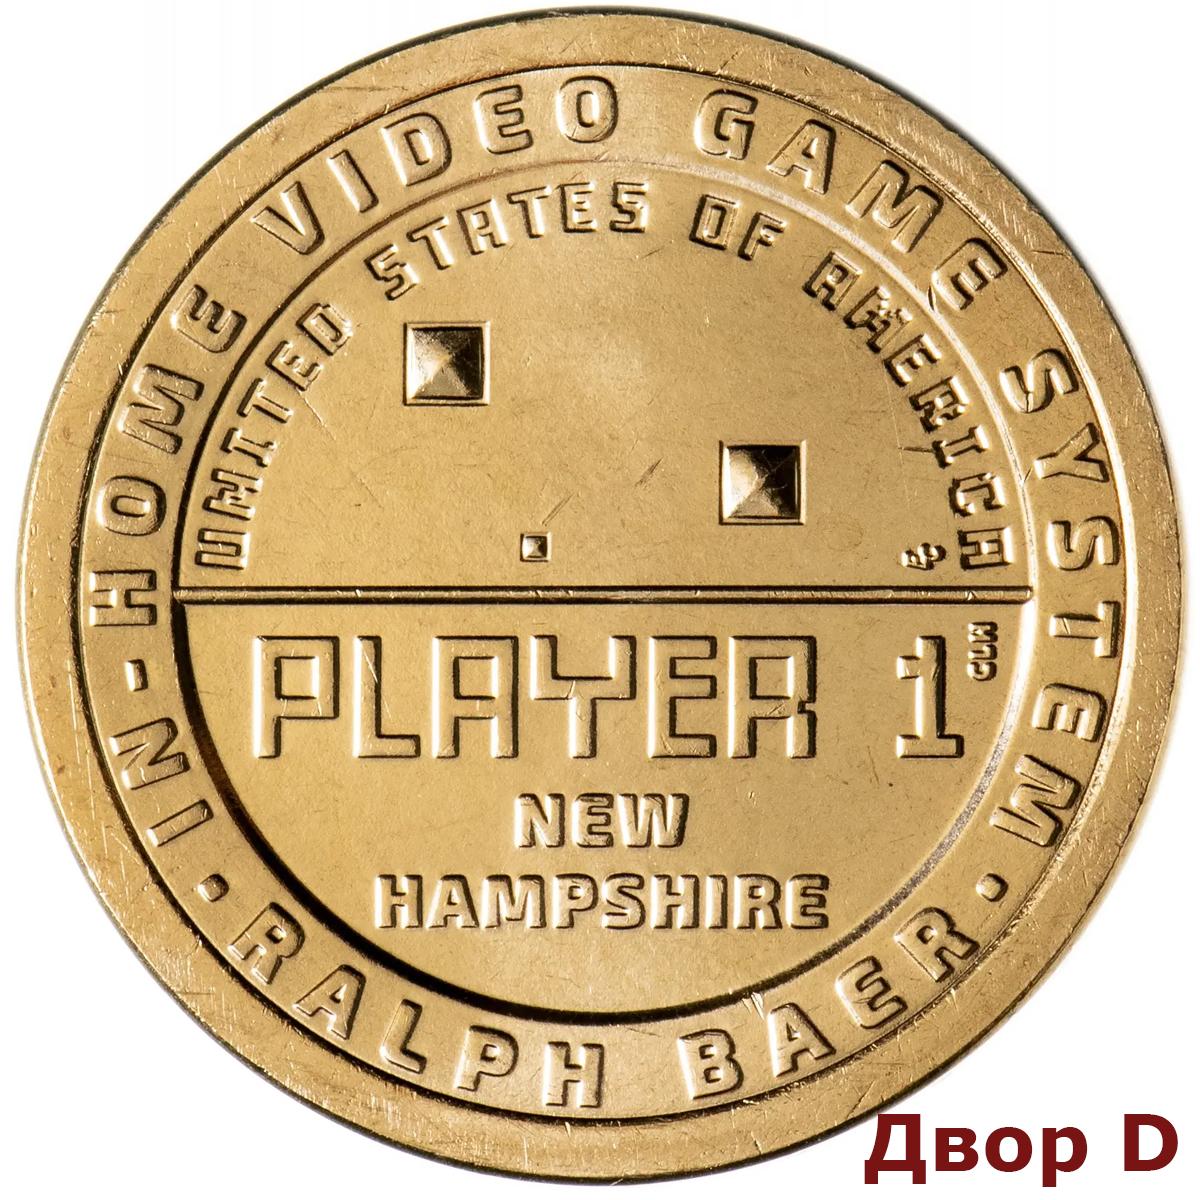 1 доллар Нью-Гэмпшир. Ральф Баер, Игровая приставка Американские инновации  США 2021 год. Двор D